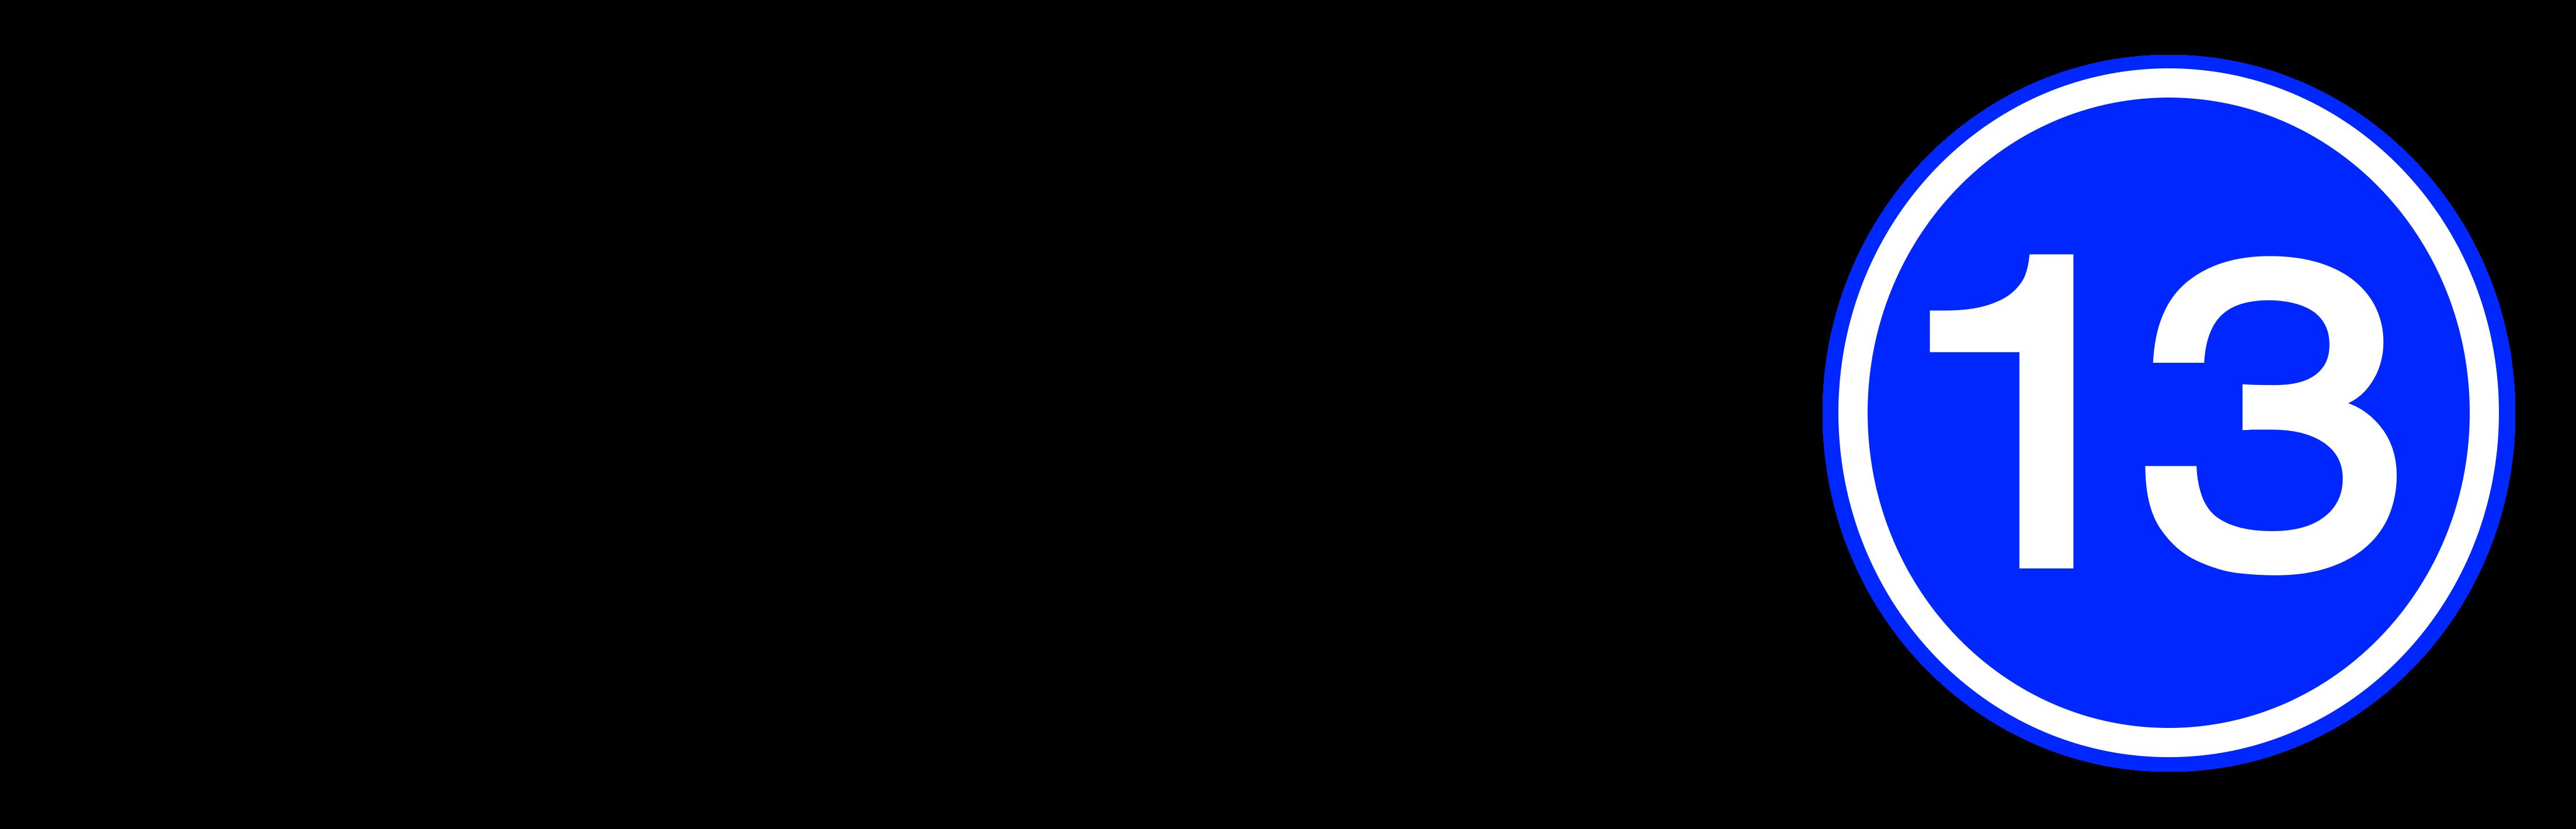 AlternateHistory.com's WTVG logo #1.png